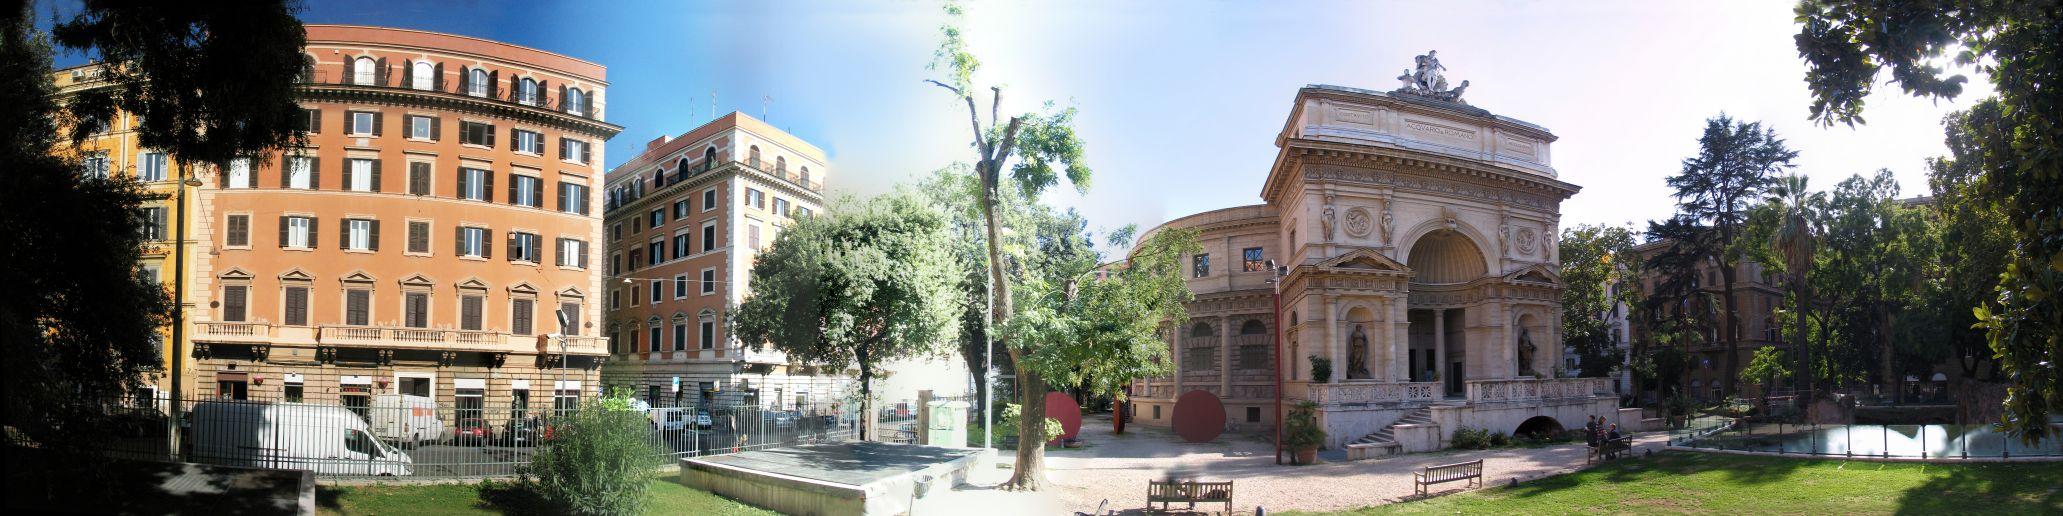 Matrimonio Acquario Romano : Casa dell architettura acquario romano musei gallerie